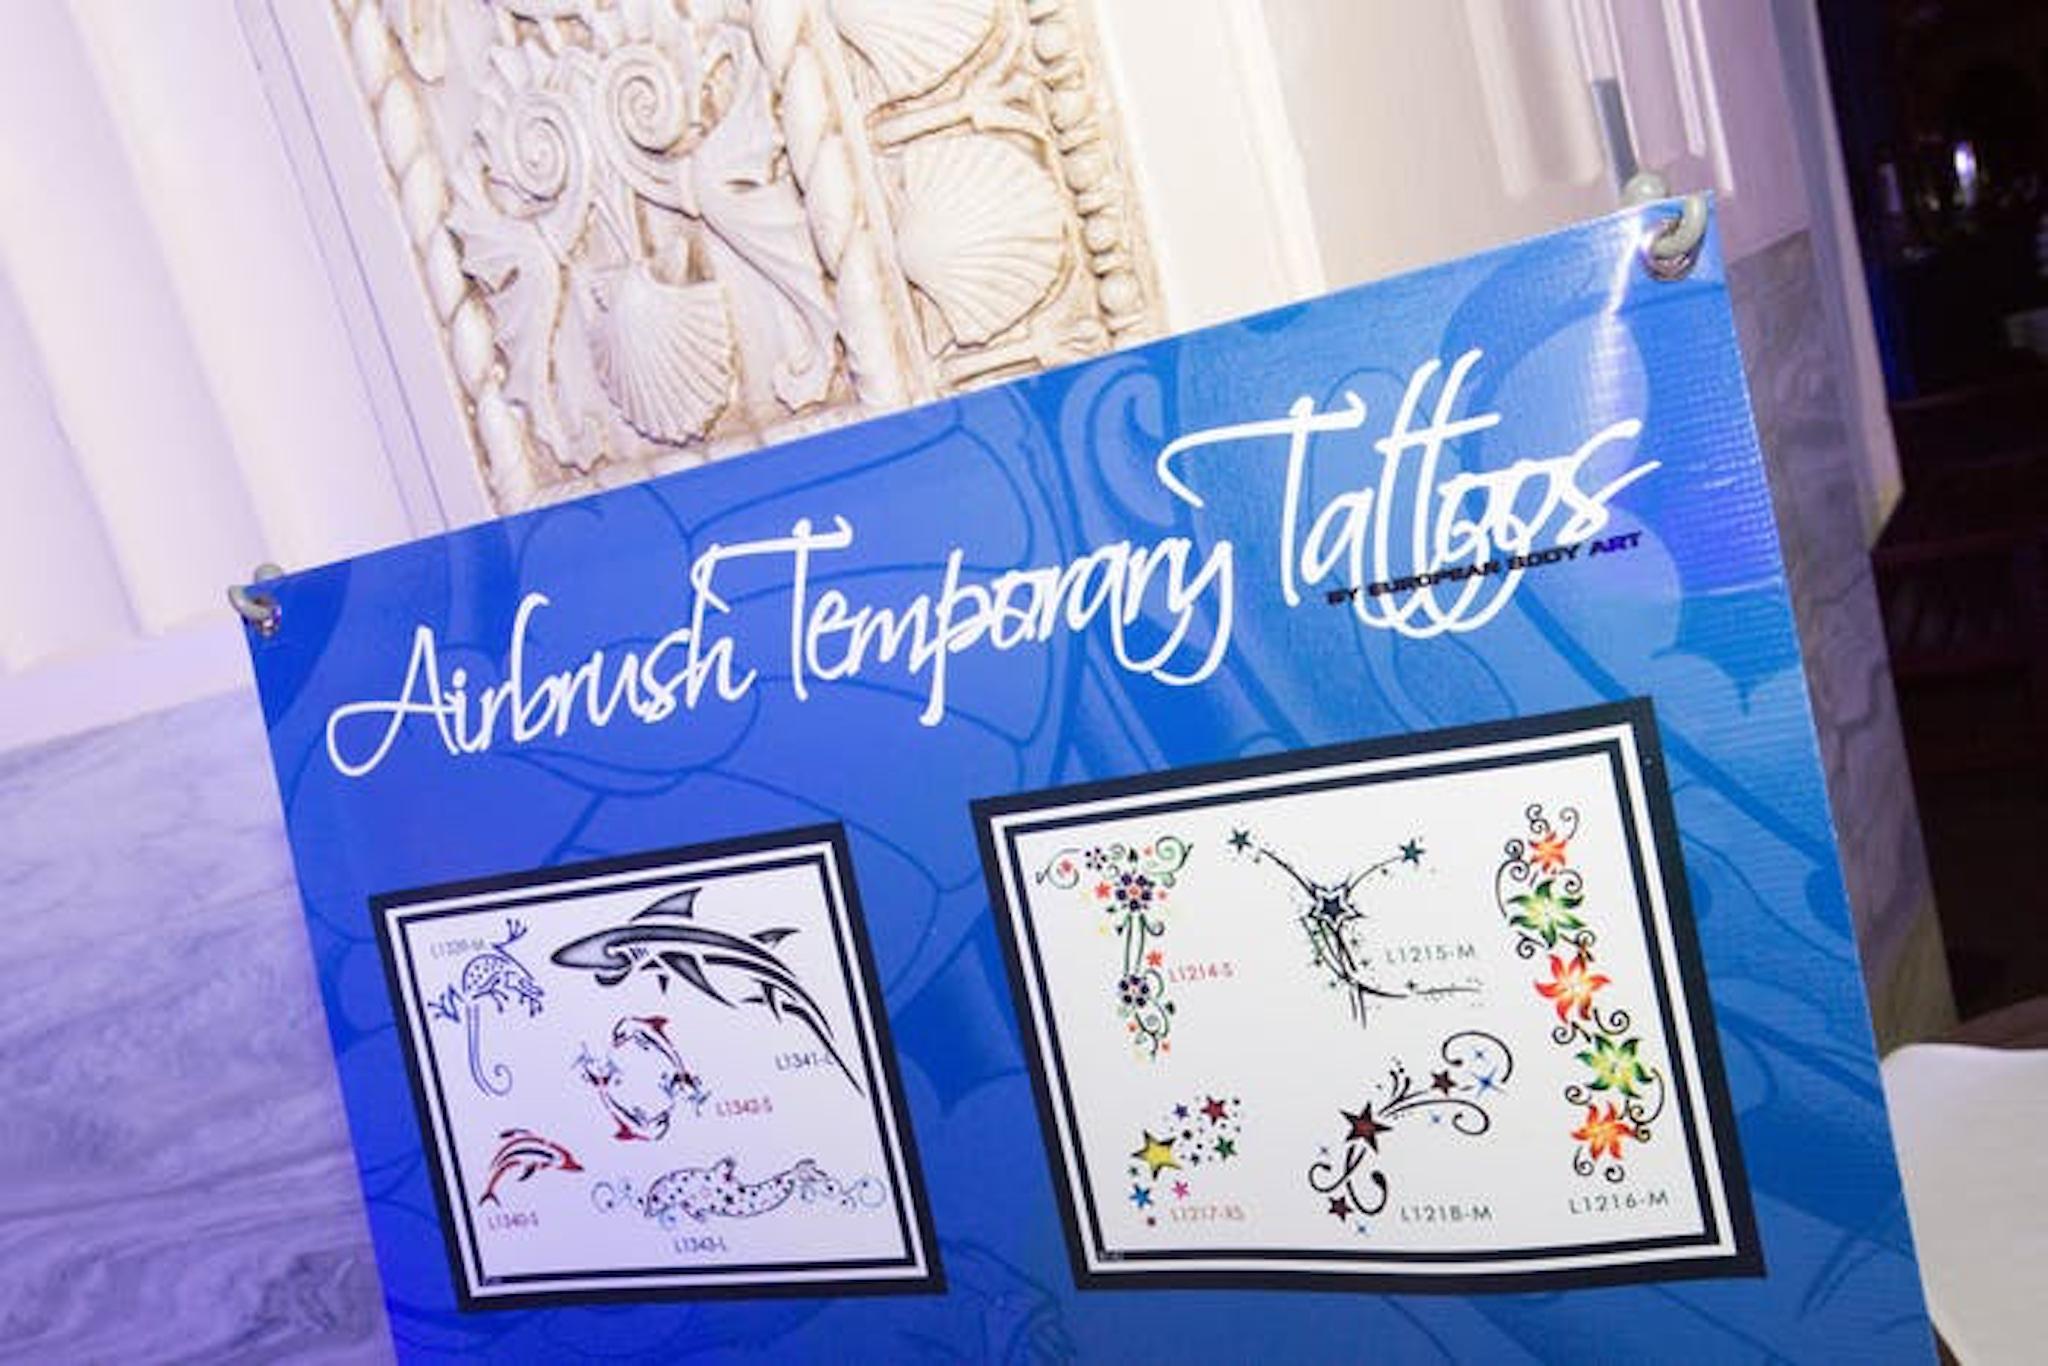 Airbrush tattoo sign